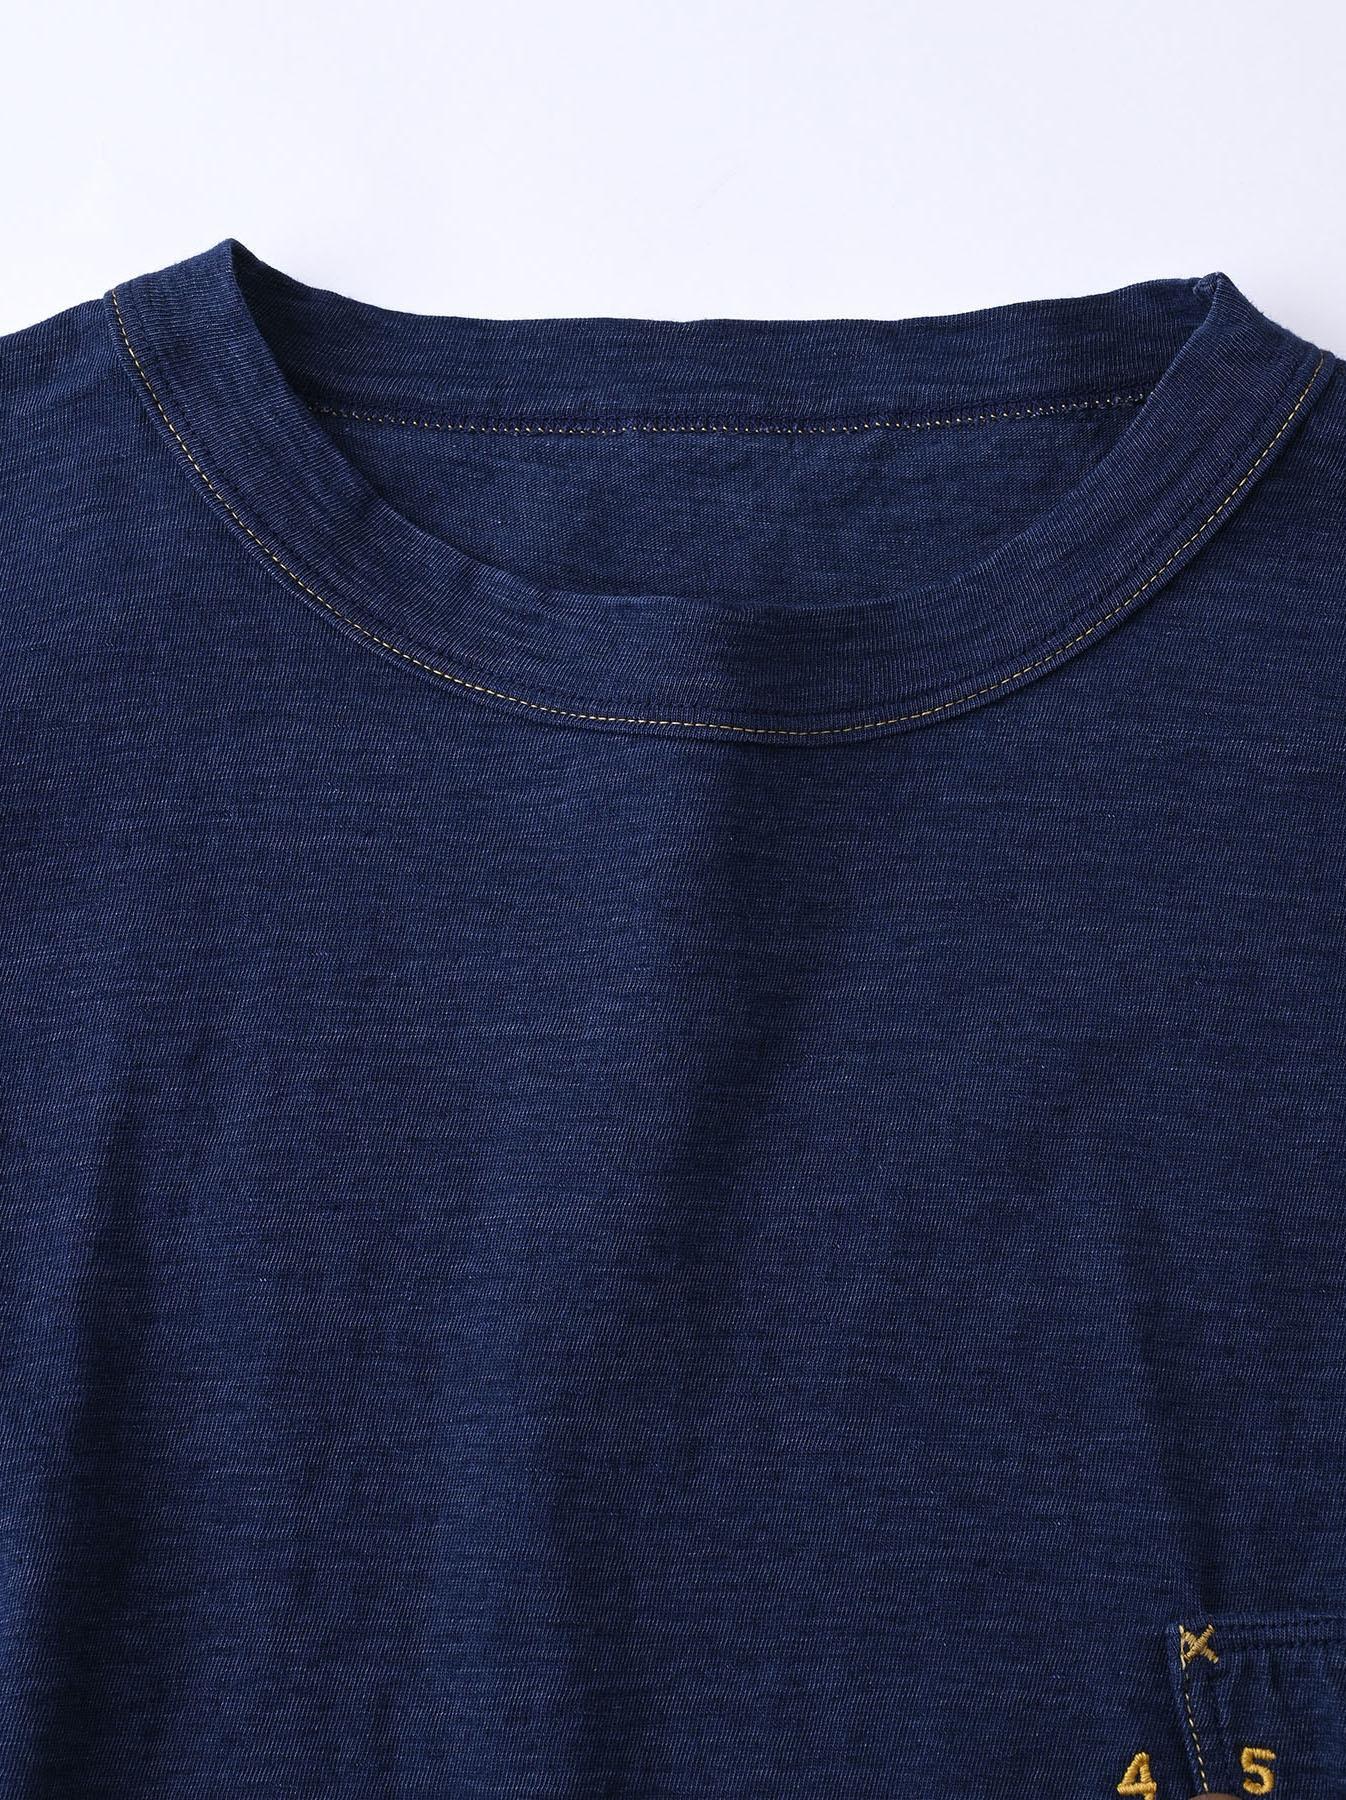 Indigo Smile R Embroidery 908 Ocean T-shirt (0621)-8